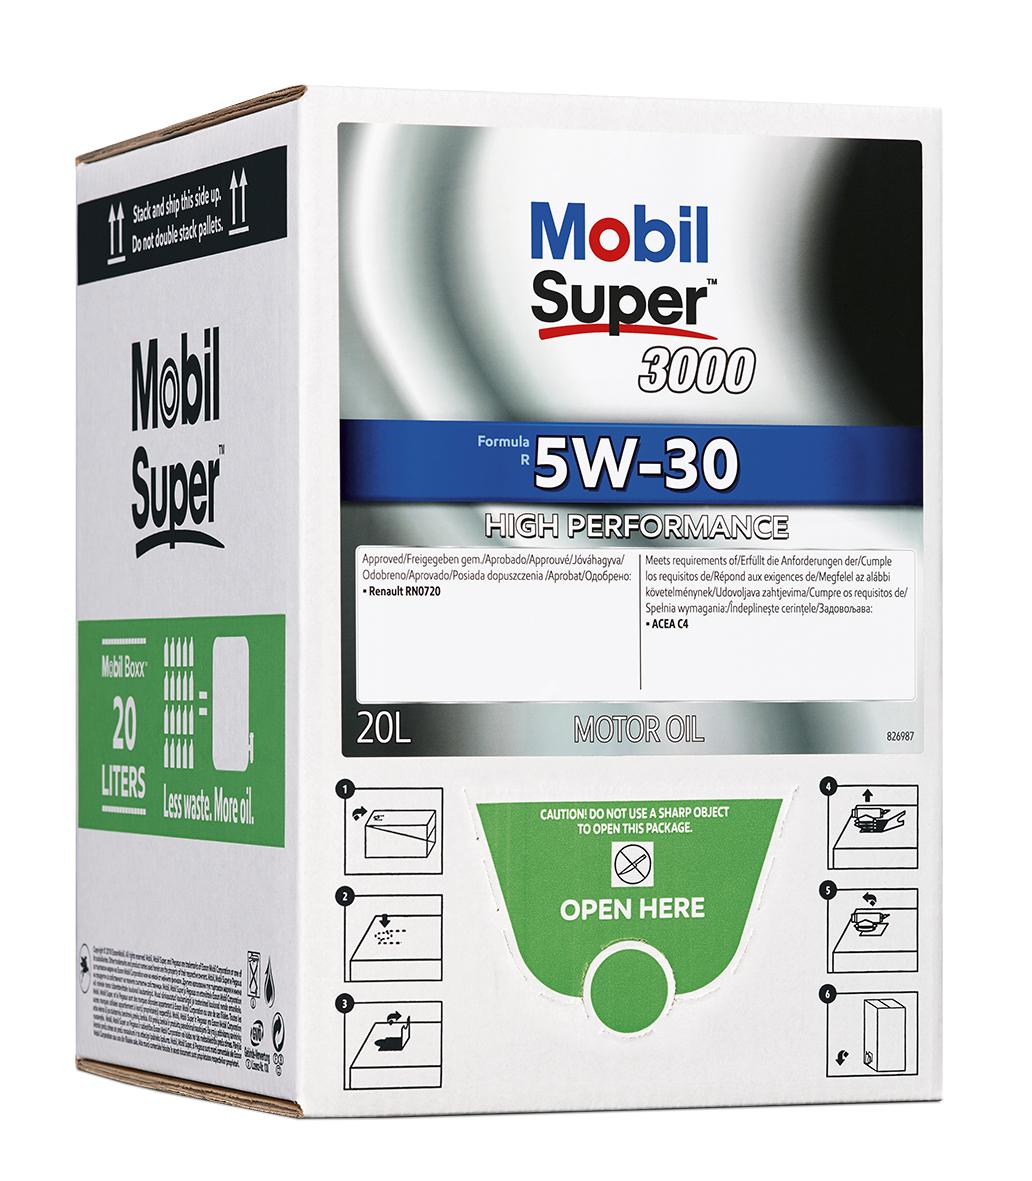 Mobil Super 3000 Formula R 5W-30, BIB 20L